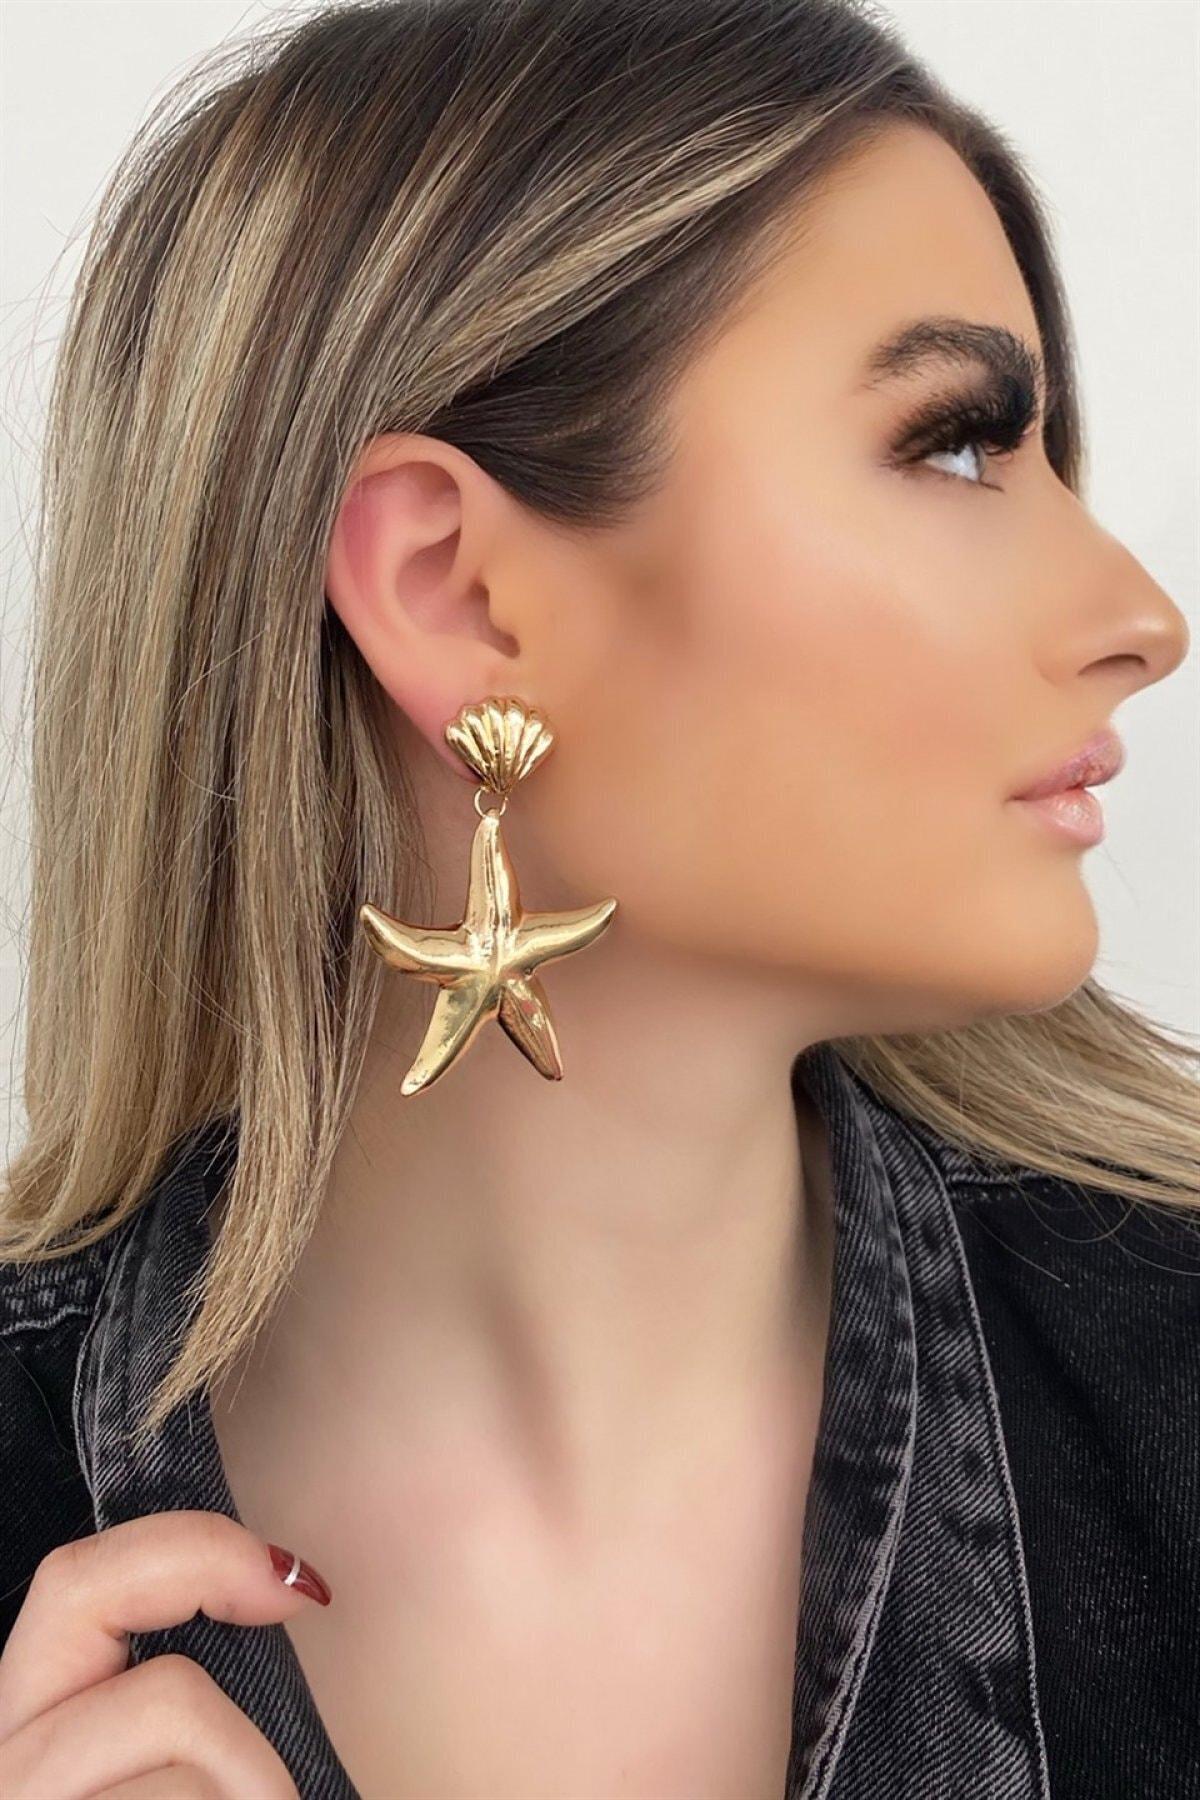 Kadın Altın Renk Yıldız Tasarım Sallantılı Küpe